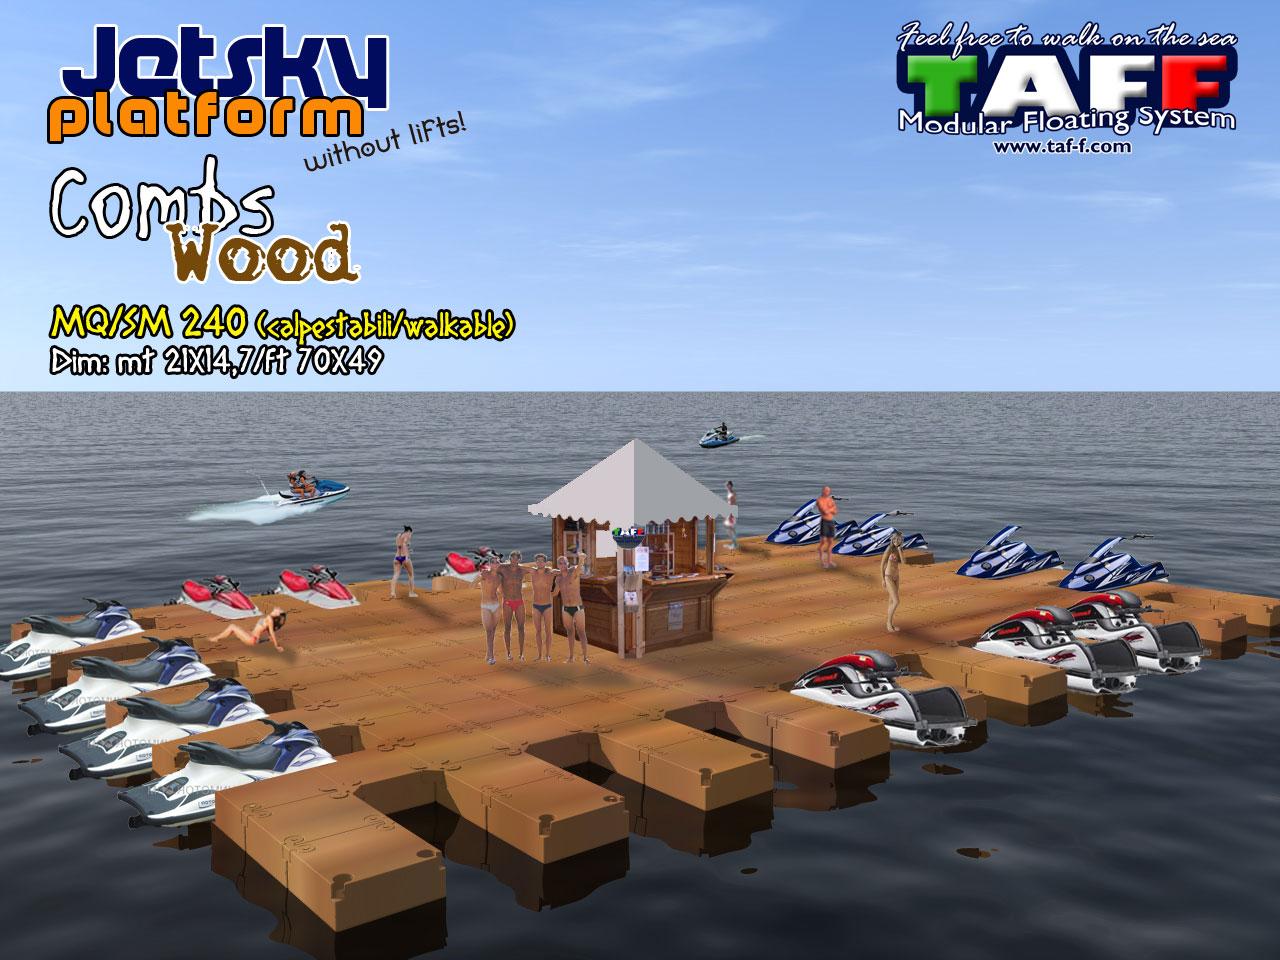 piattaforma-jetski-wood.jpg